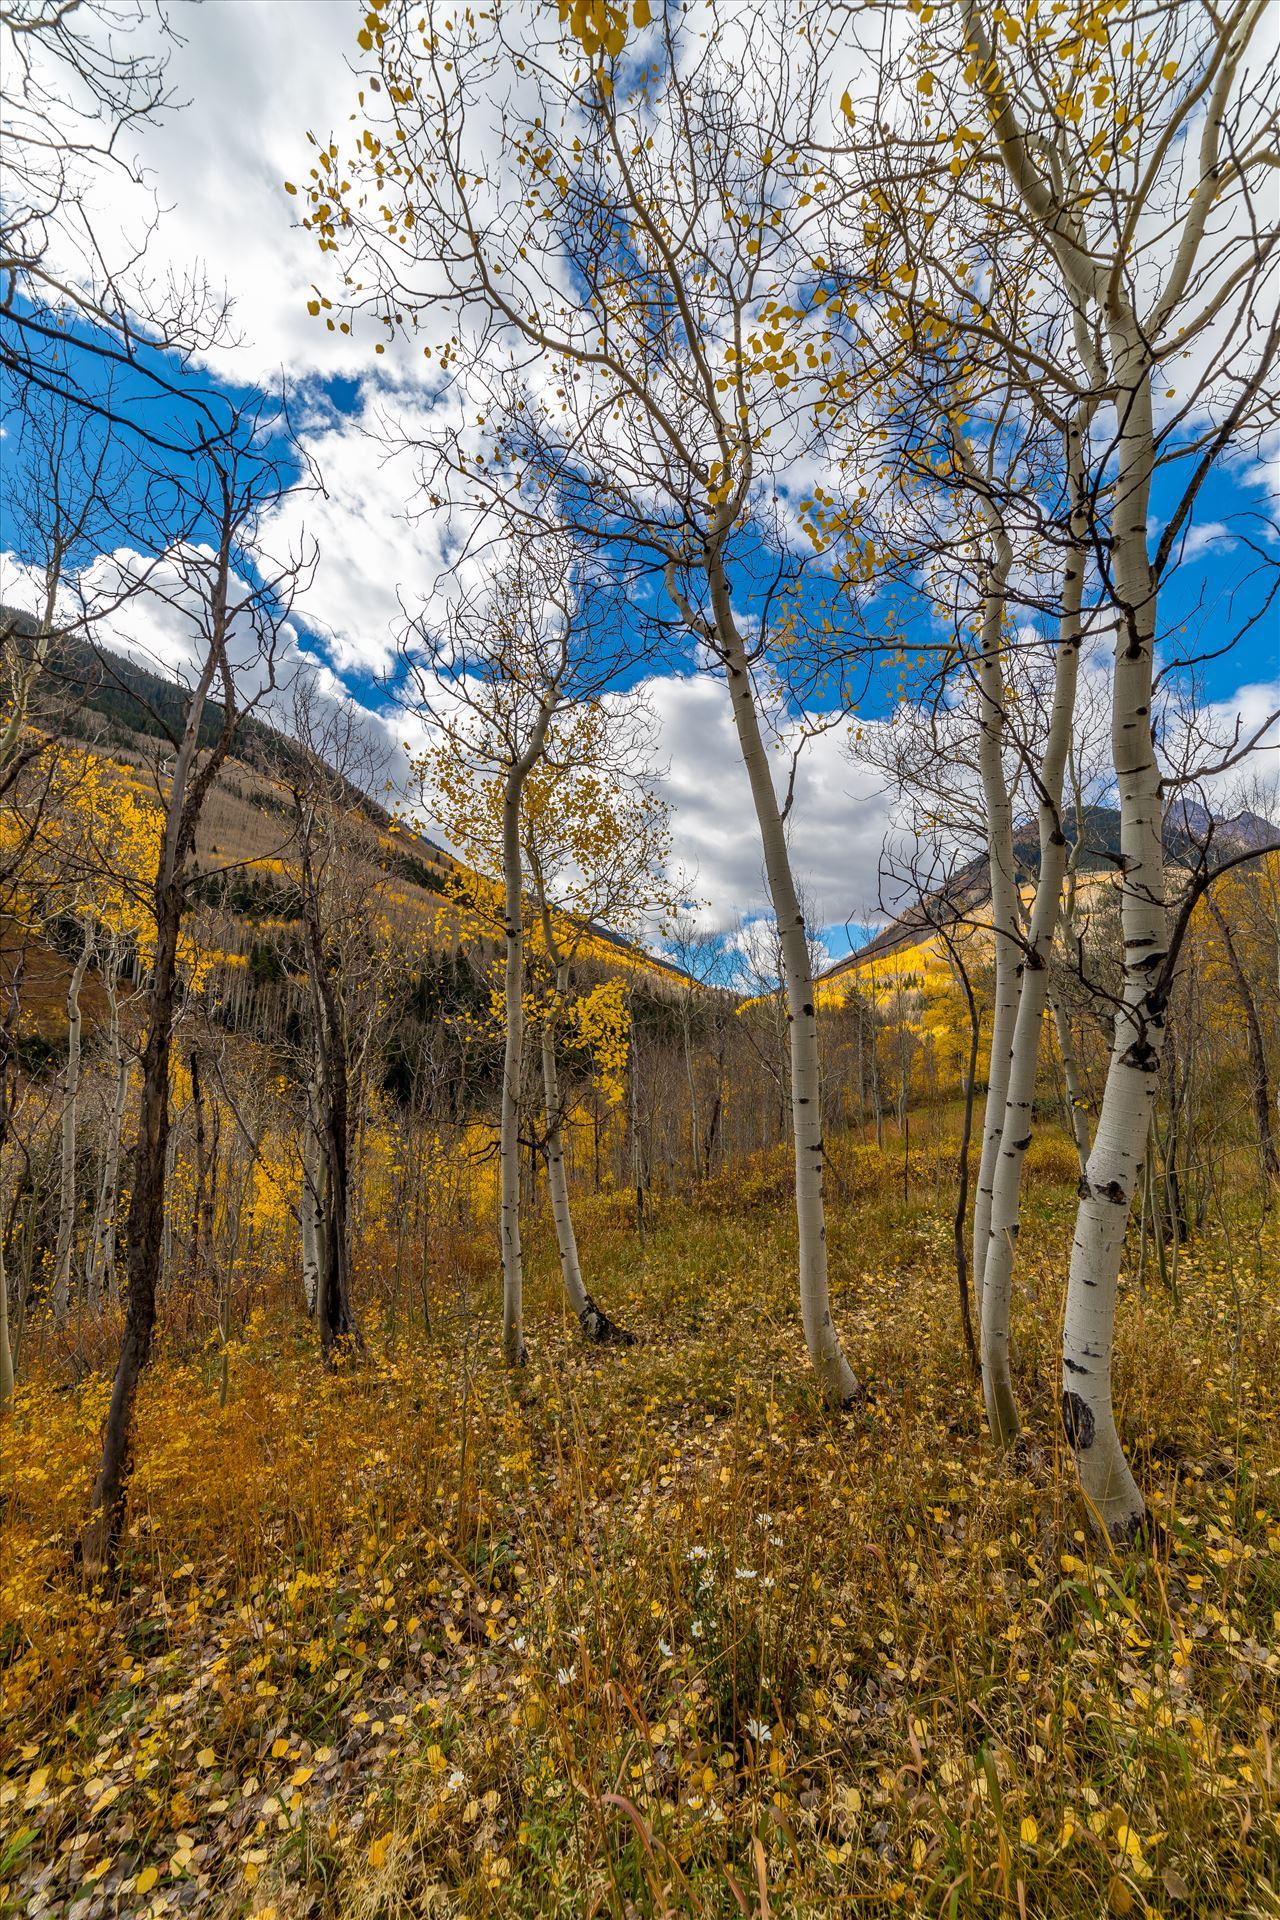 Maroon Creek Aspens - Just off Maroon Creek Drive near Aspen, Colorado by D Scott Smith